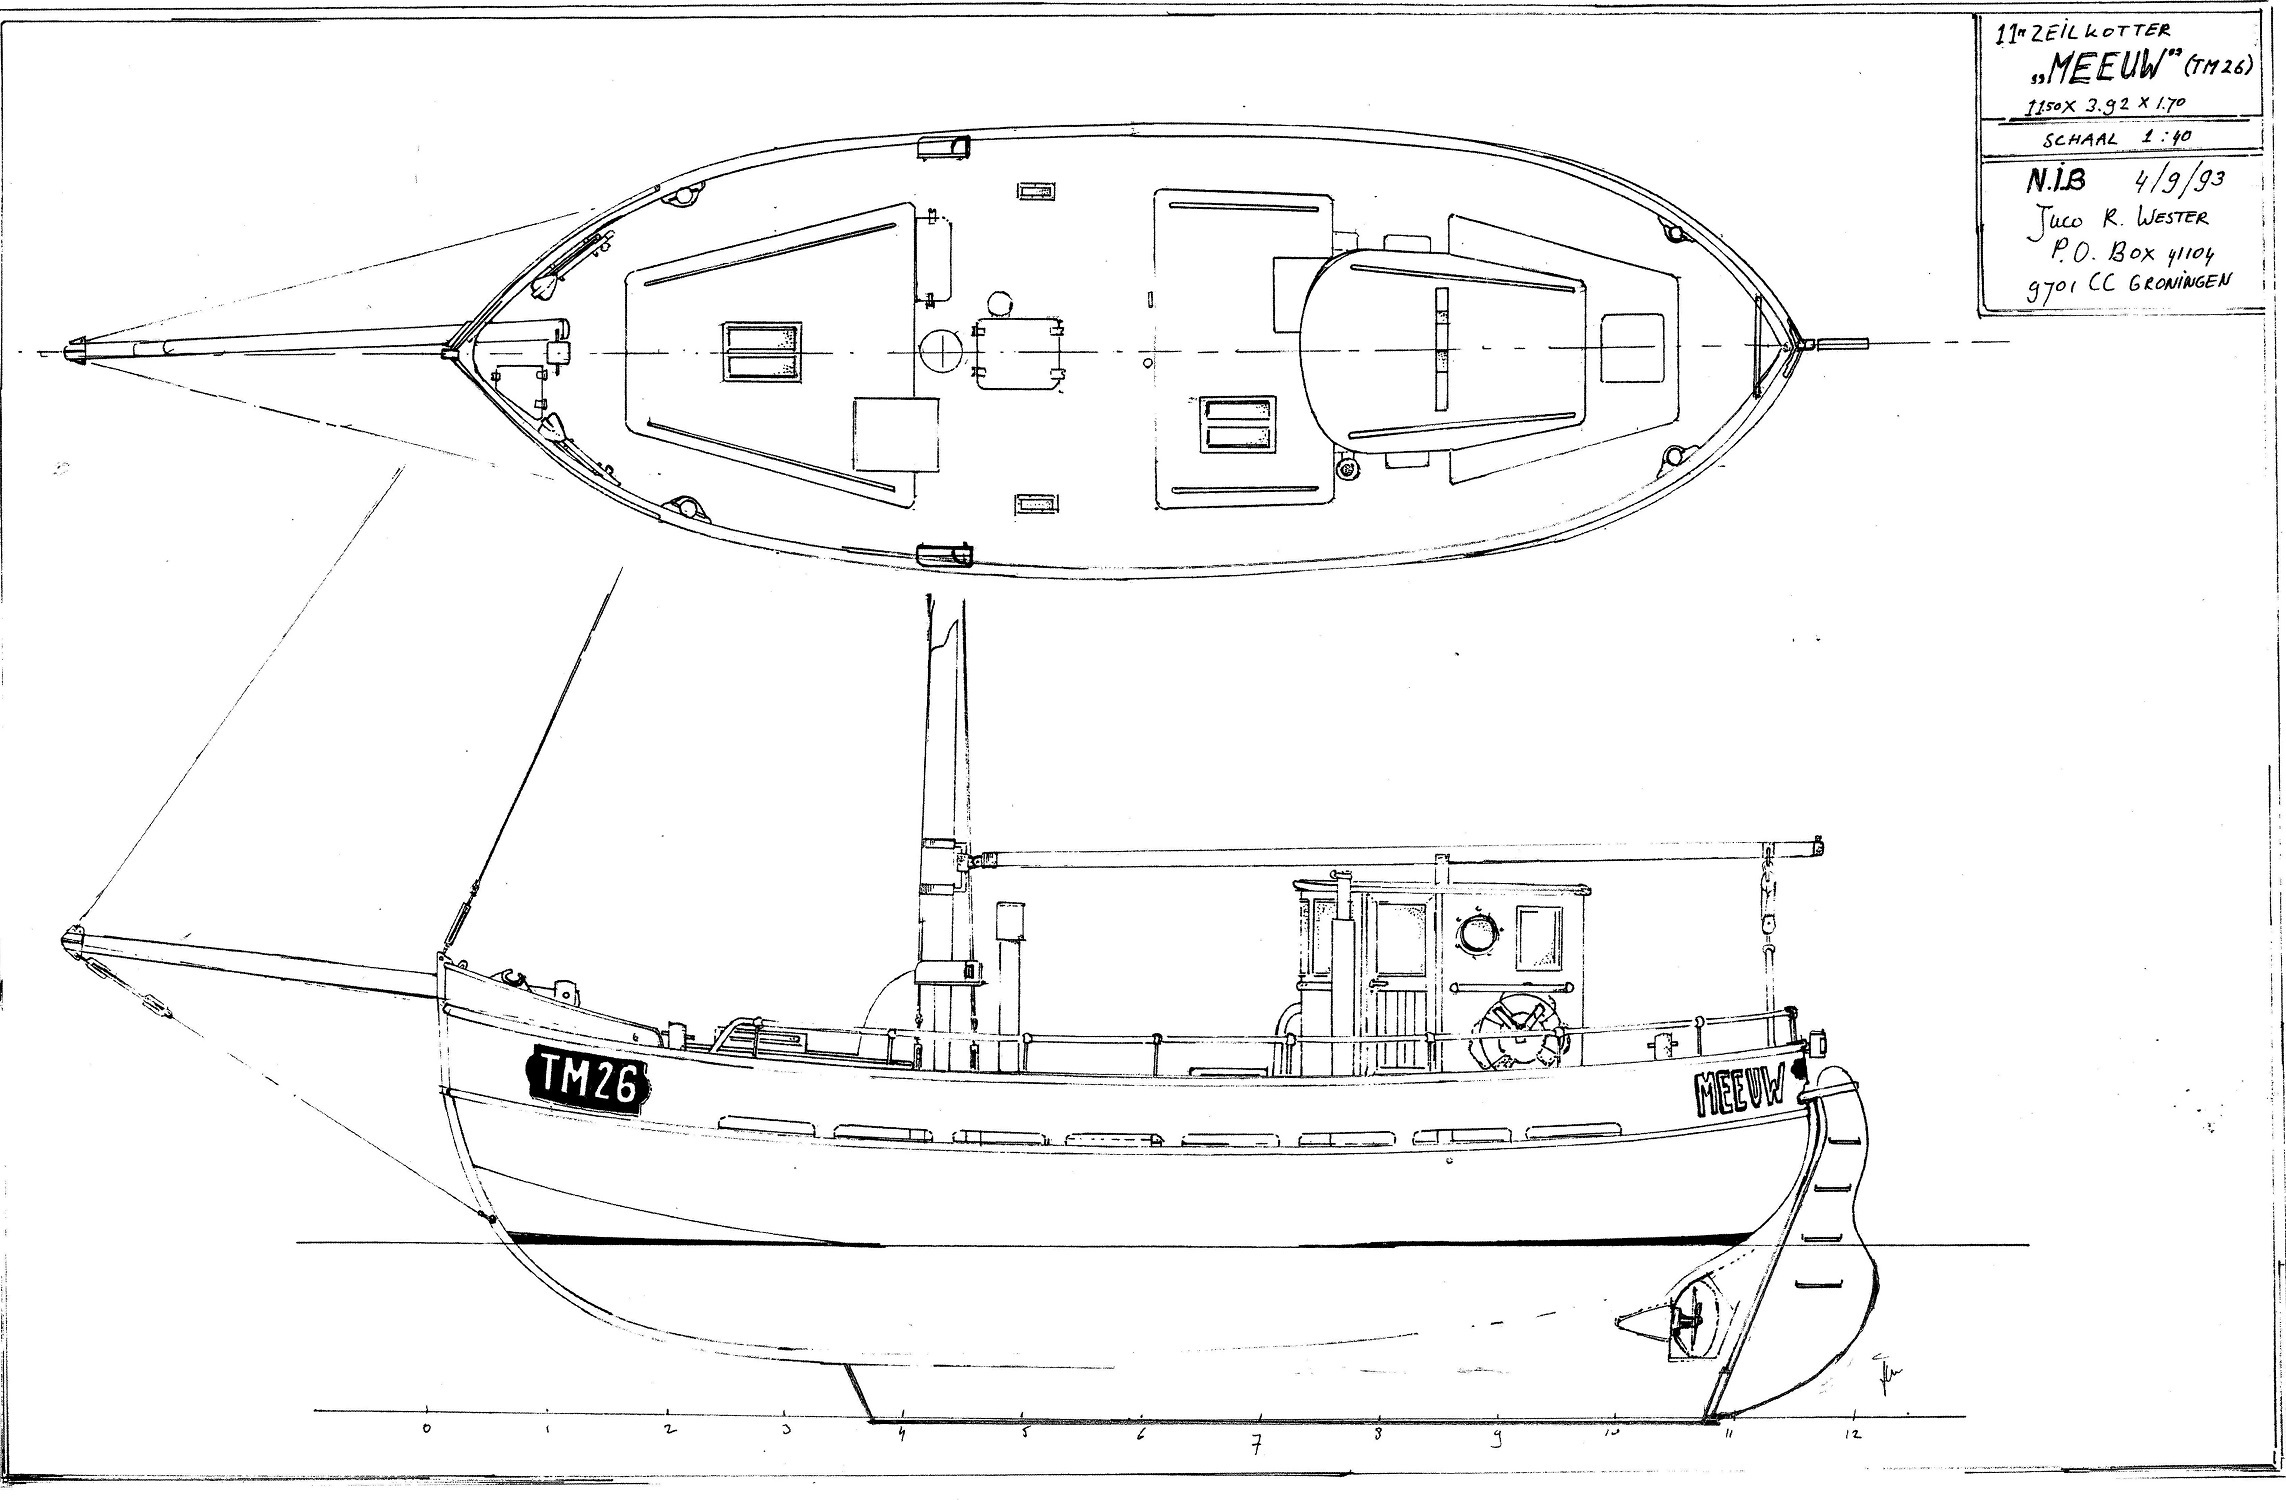 Kajuitzeilboten en Zeiljachten Zeilkotter Ex-vissersboot foto 7